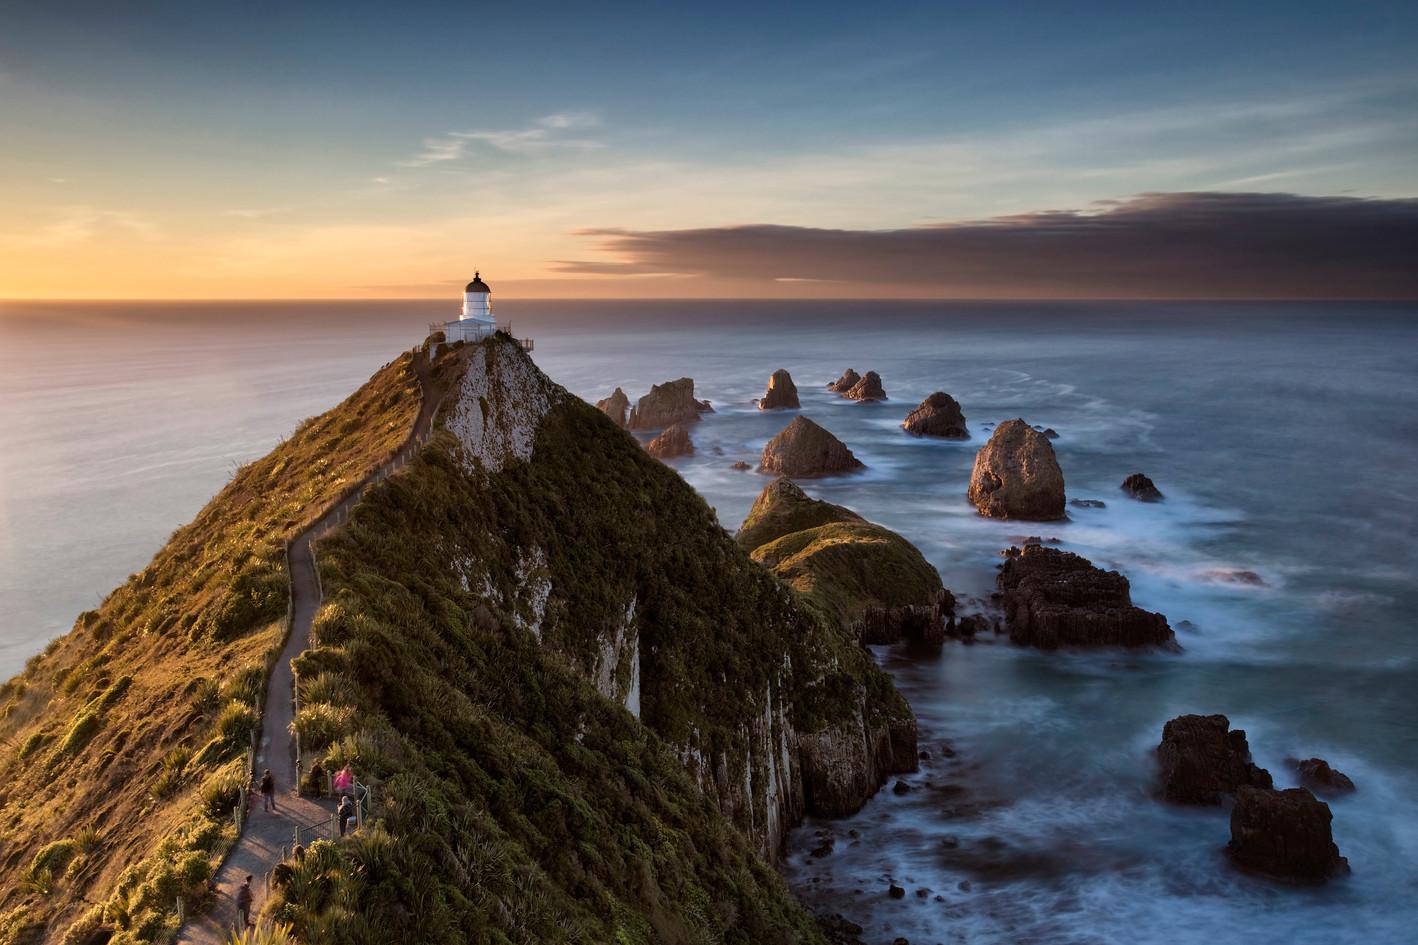 Golden Hour at Nugget Point, Otago